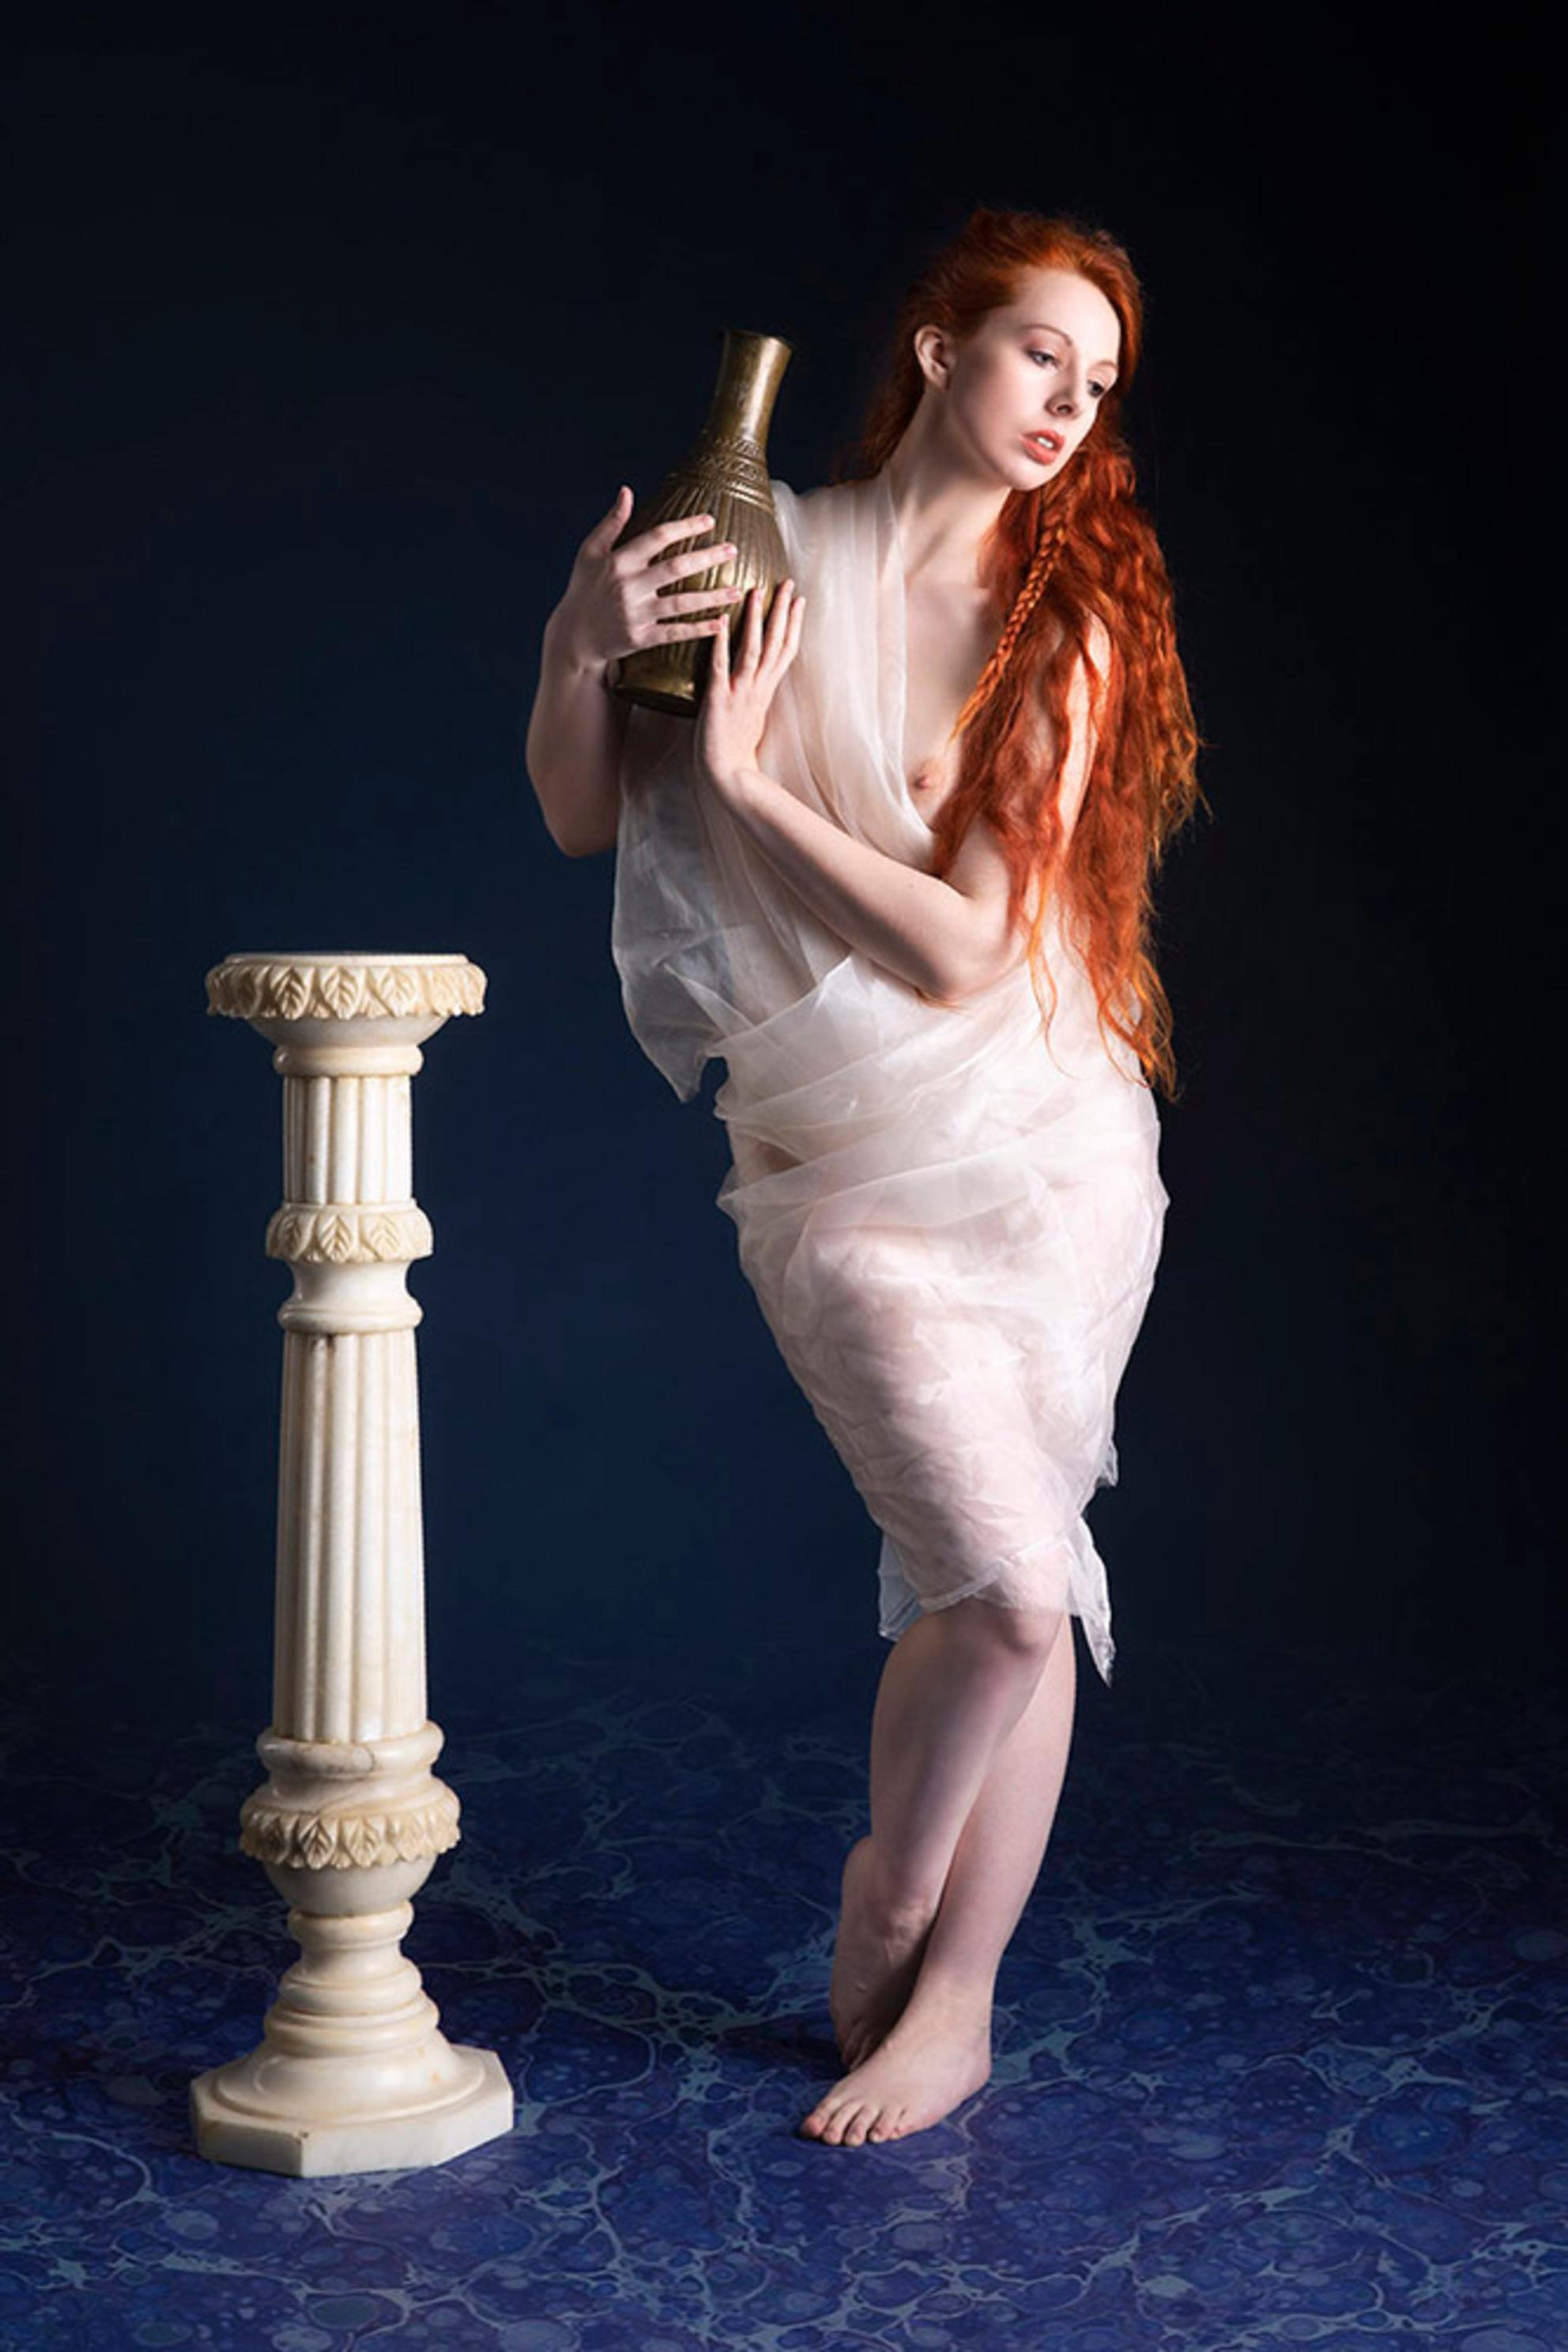 Uit oude tijden. - model Angharada - foto door jhslotboom op 01-11-2020 - deze foto bevat: oud, rood, haar, nude, grieks, geschiedenis, zuil, kruik, pilaar, roodharig, marmer, topless, gewaad - Deze foto mag gebruikt worden in een Zoom.nl publicatie